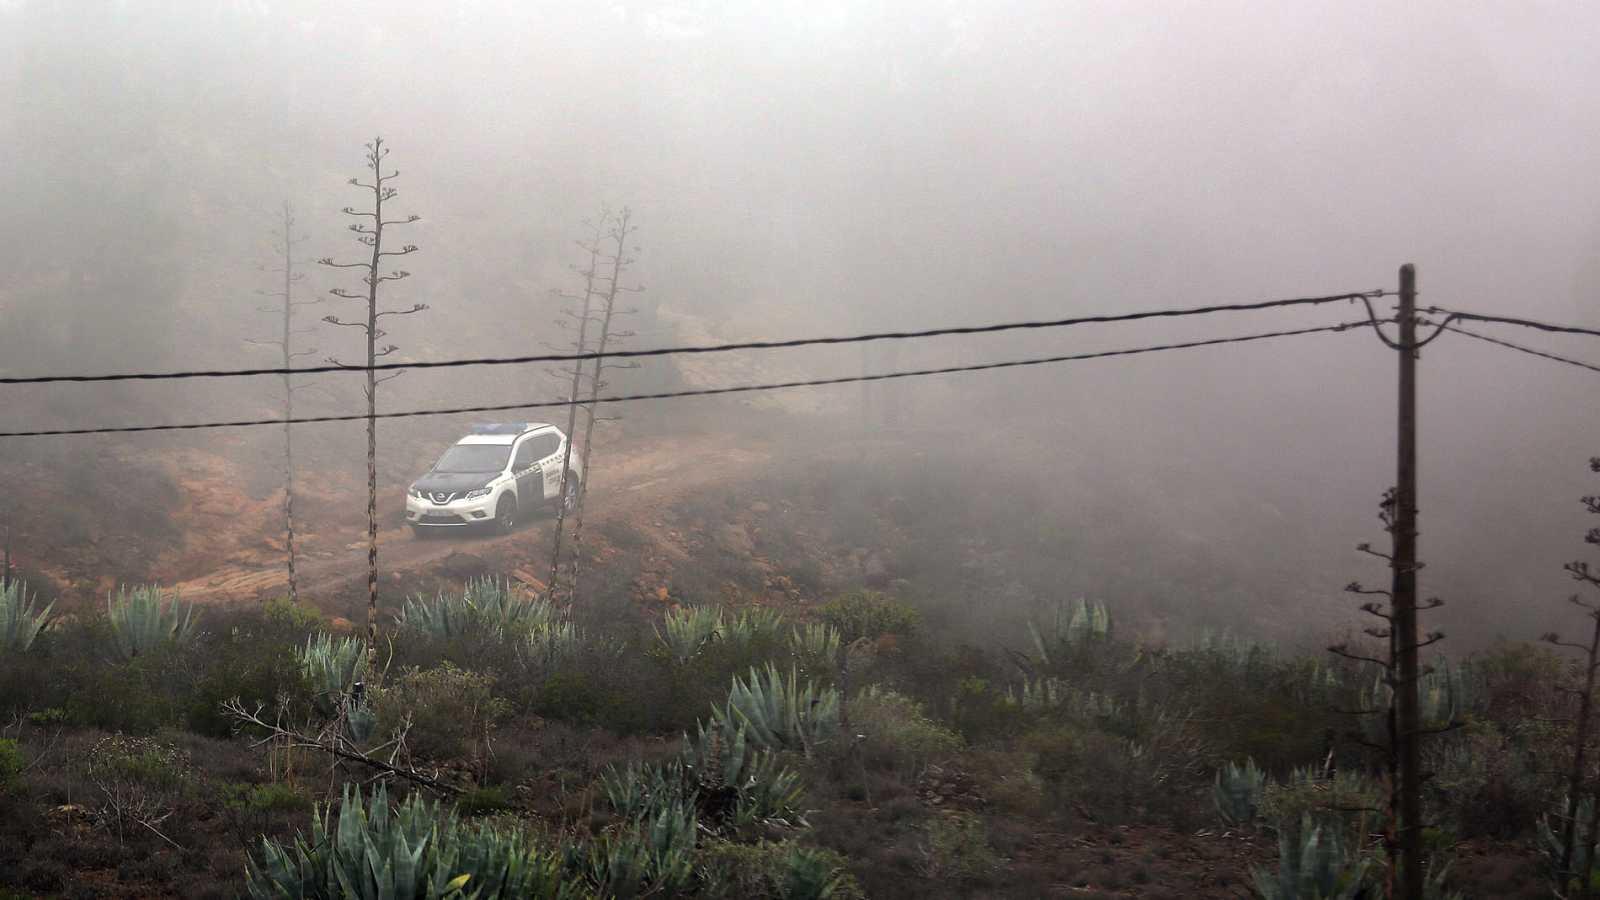 La Guardia Civil halla los cuerpos sin vida de la mujer y el niño desaparecidos el pasado martes en Tenerife